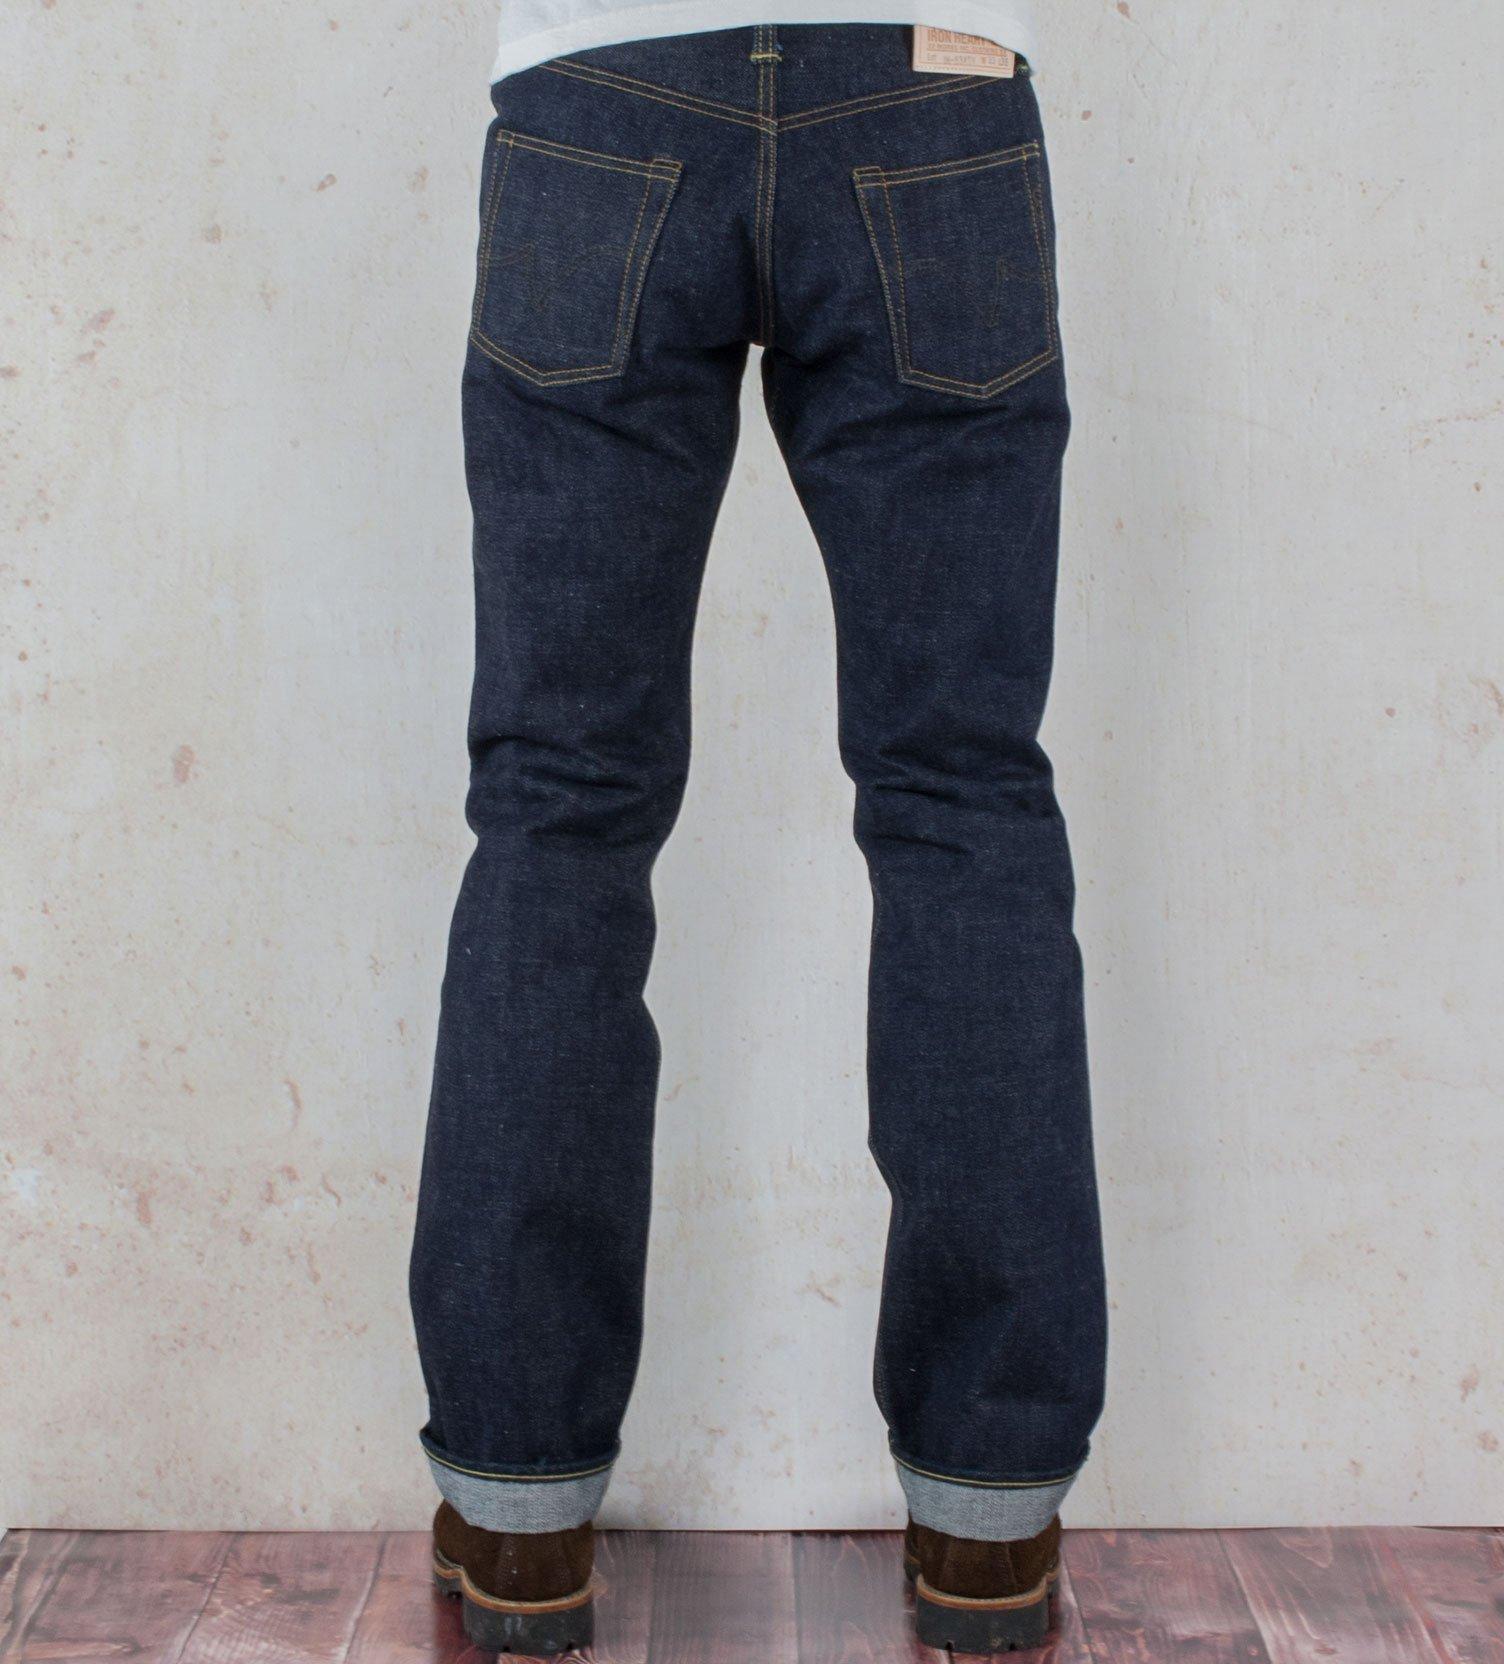 f0dbb08ccdd Ih iron heart signature straight cut jean in oz raw denim jpg 1504x1664 Raw  selvedge jeans